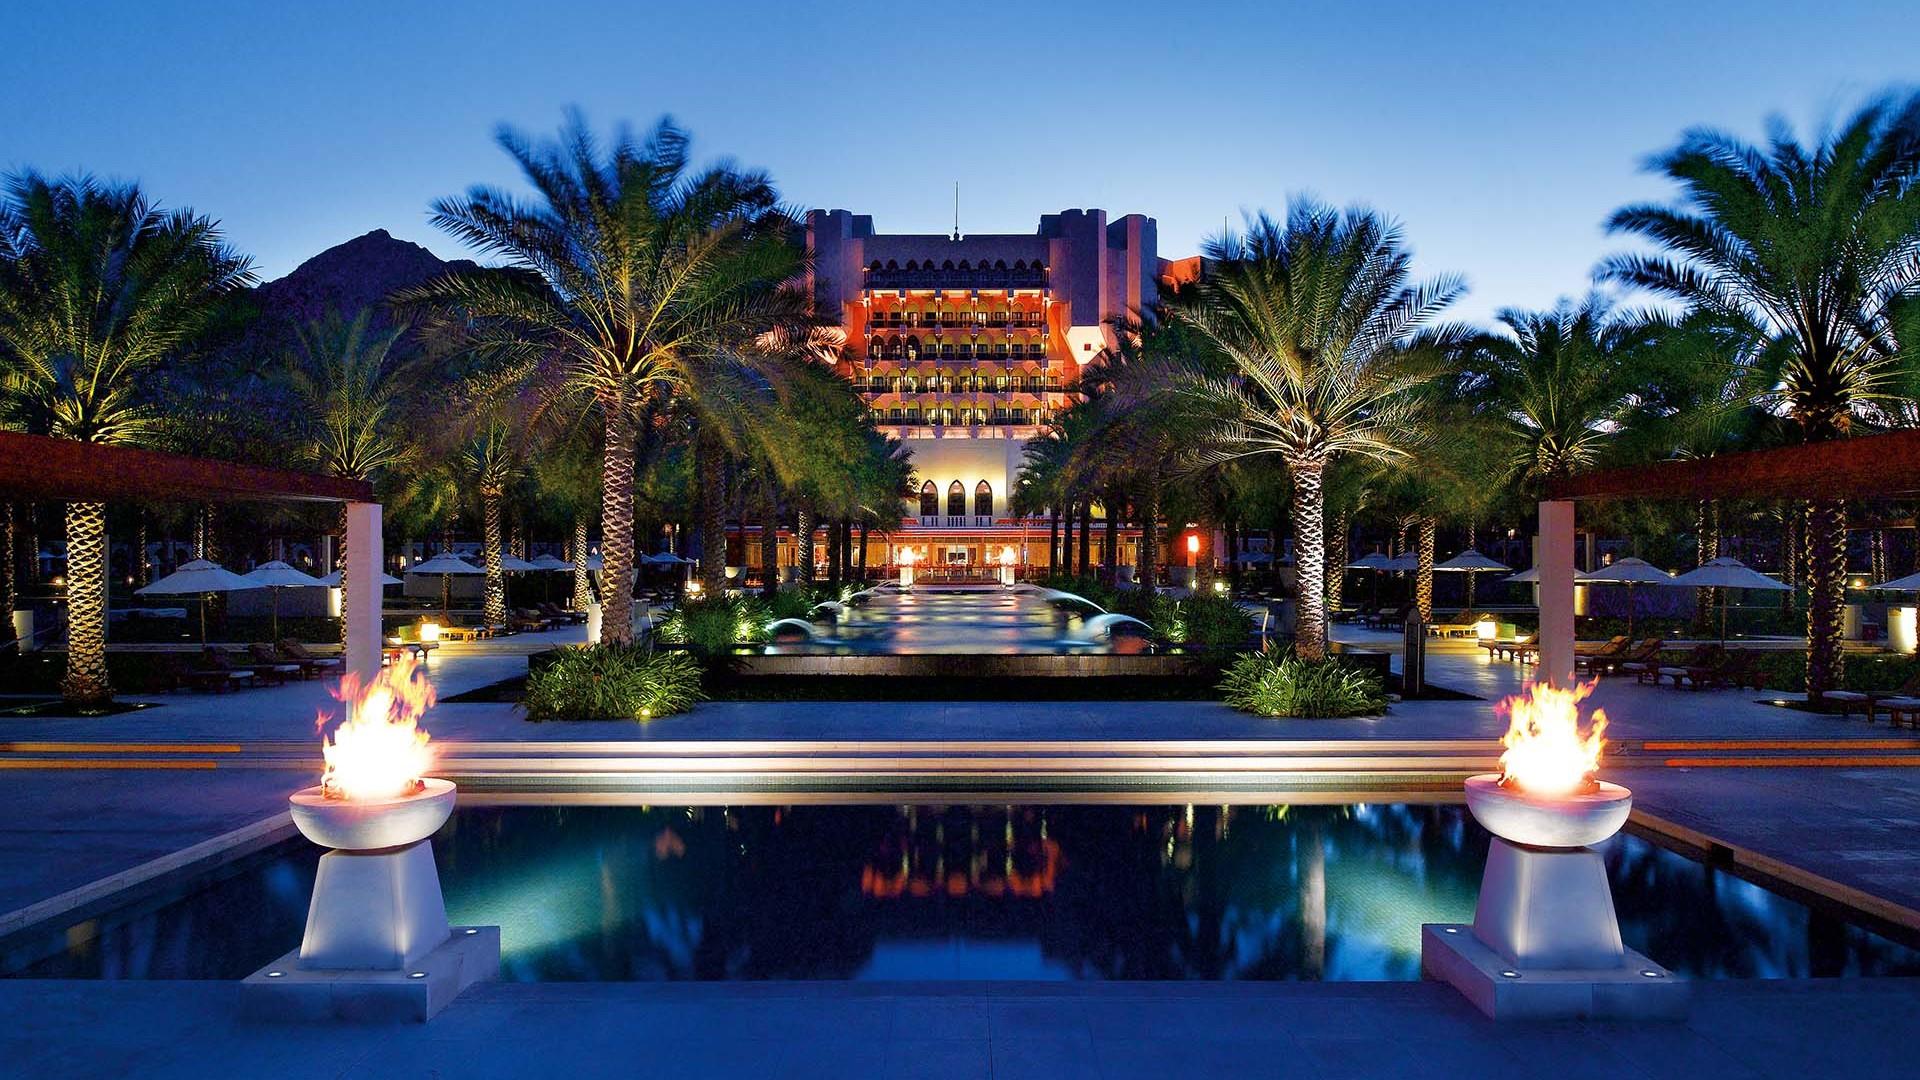 Ritz-Carlton's Al Bustan Palace